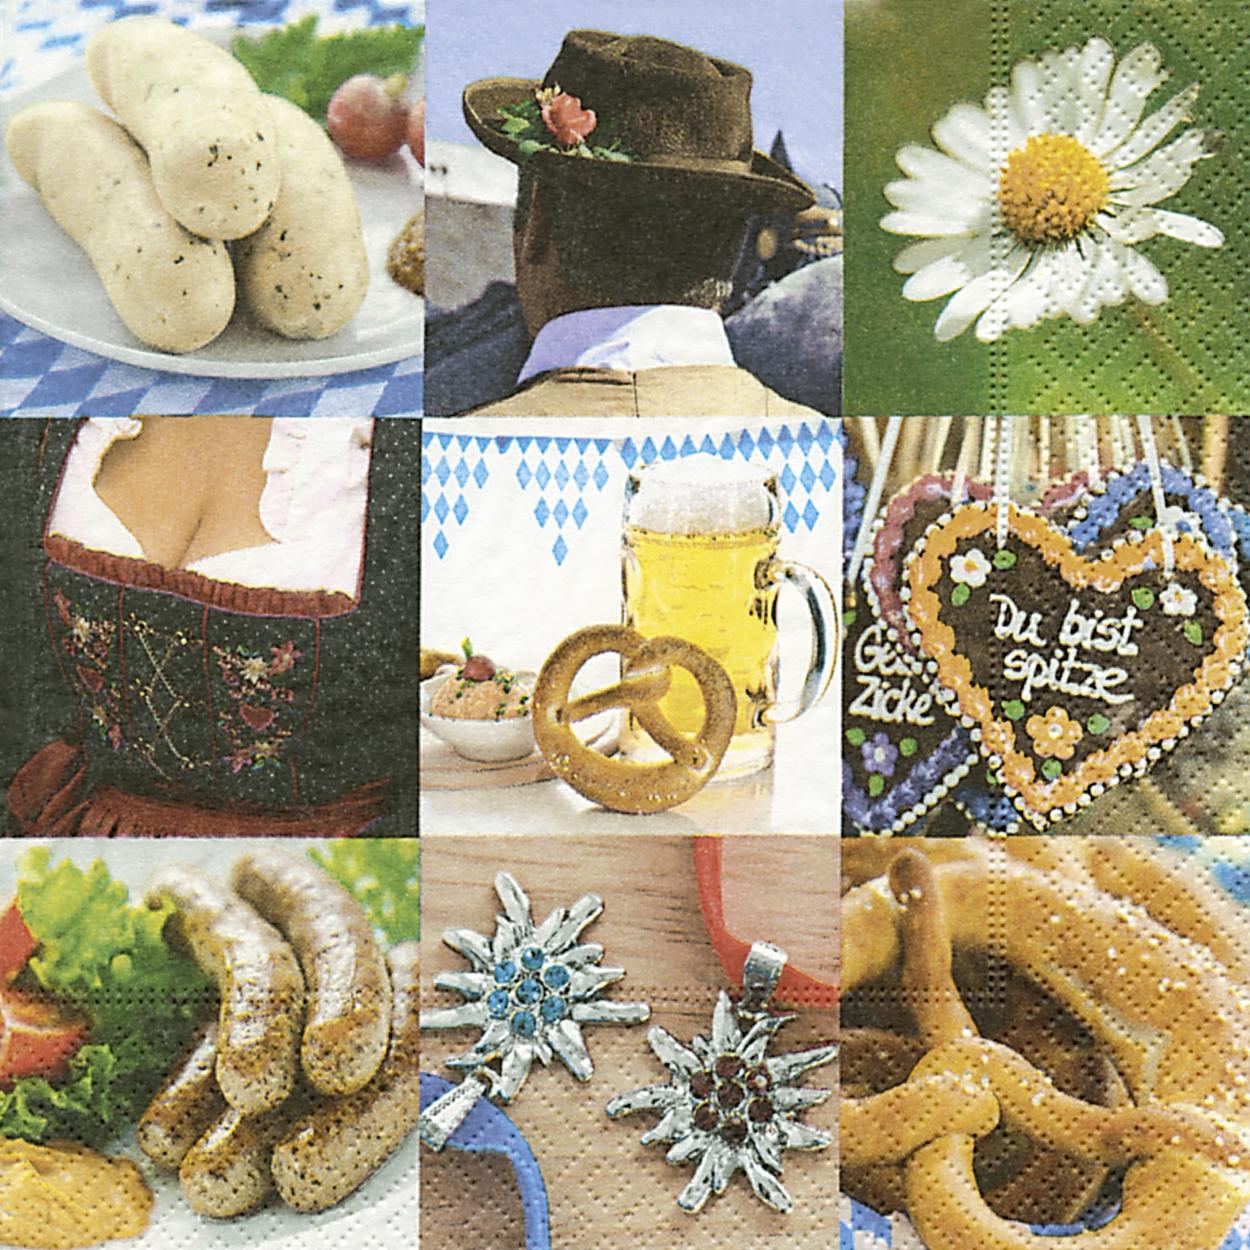 Servietten / Margariten, Essen -  Sonstiges,  Ereignisse -  Sonstige,  Essen - Brot / Brötchen,  Blumen - Magariten,  Everyday,  lunchservietten,  Bier,  München,  Bayern,  Blumen,  Herzen